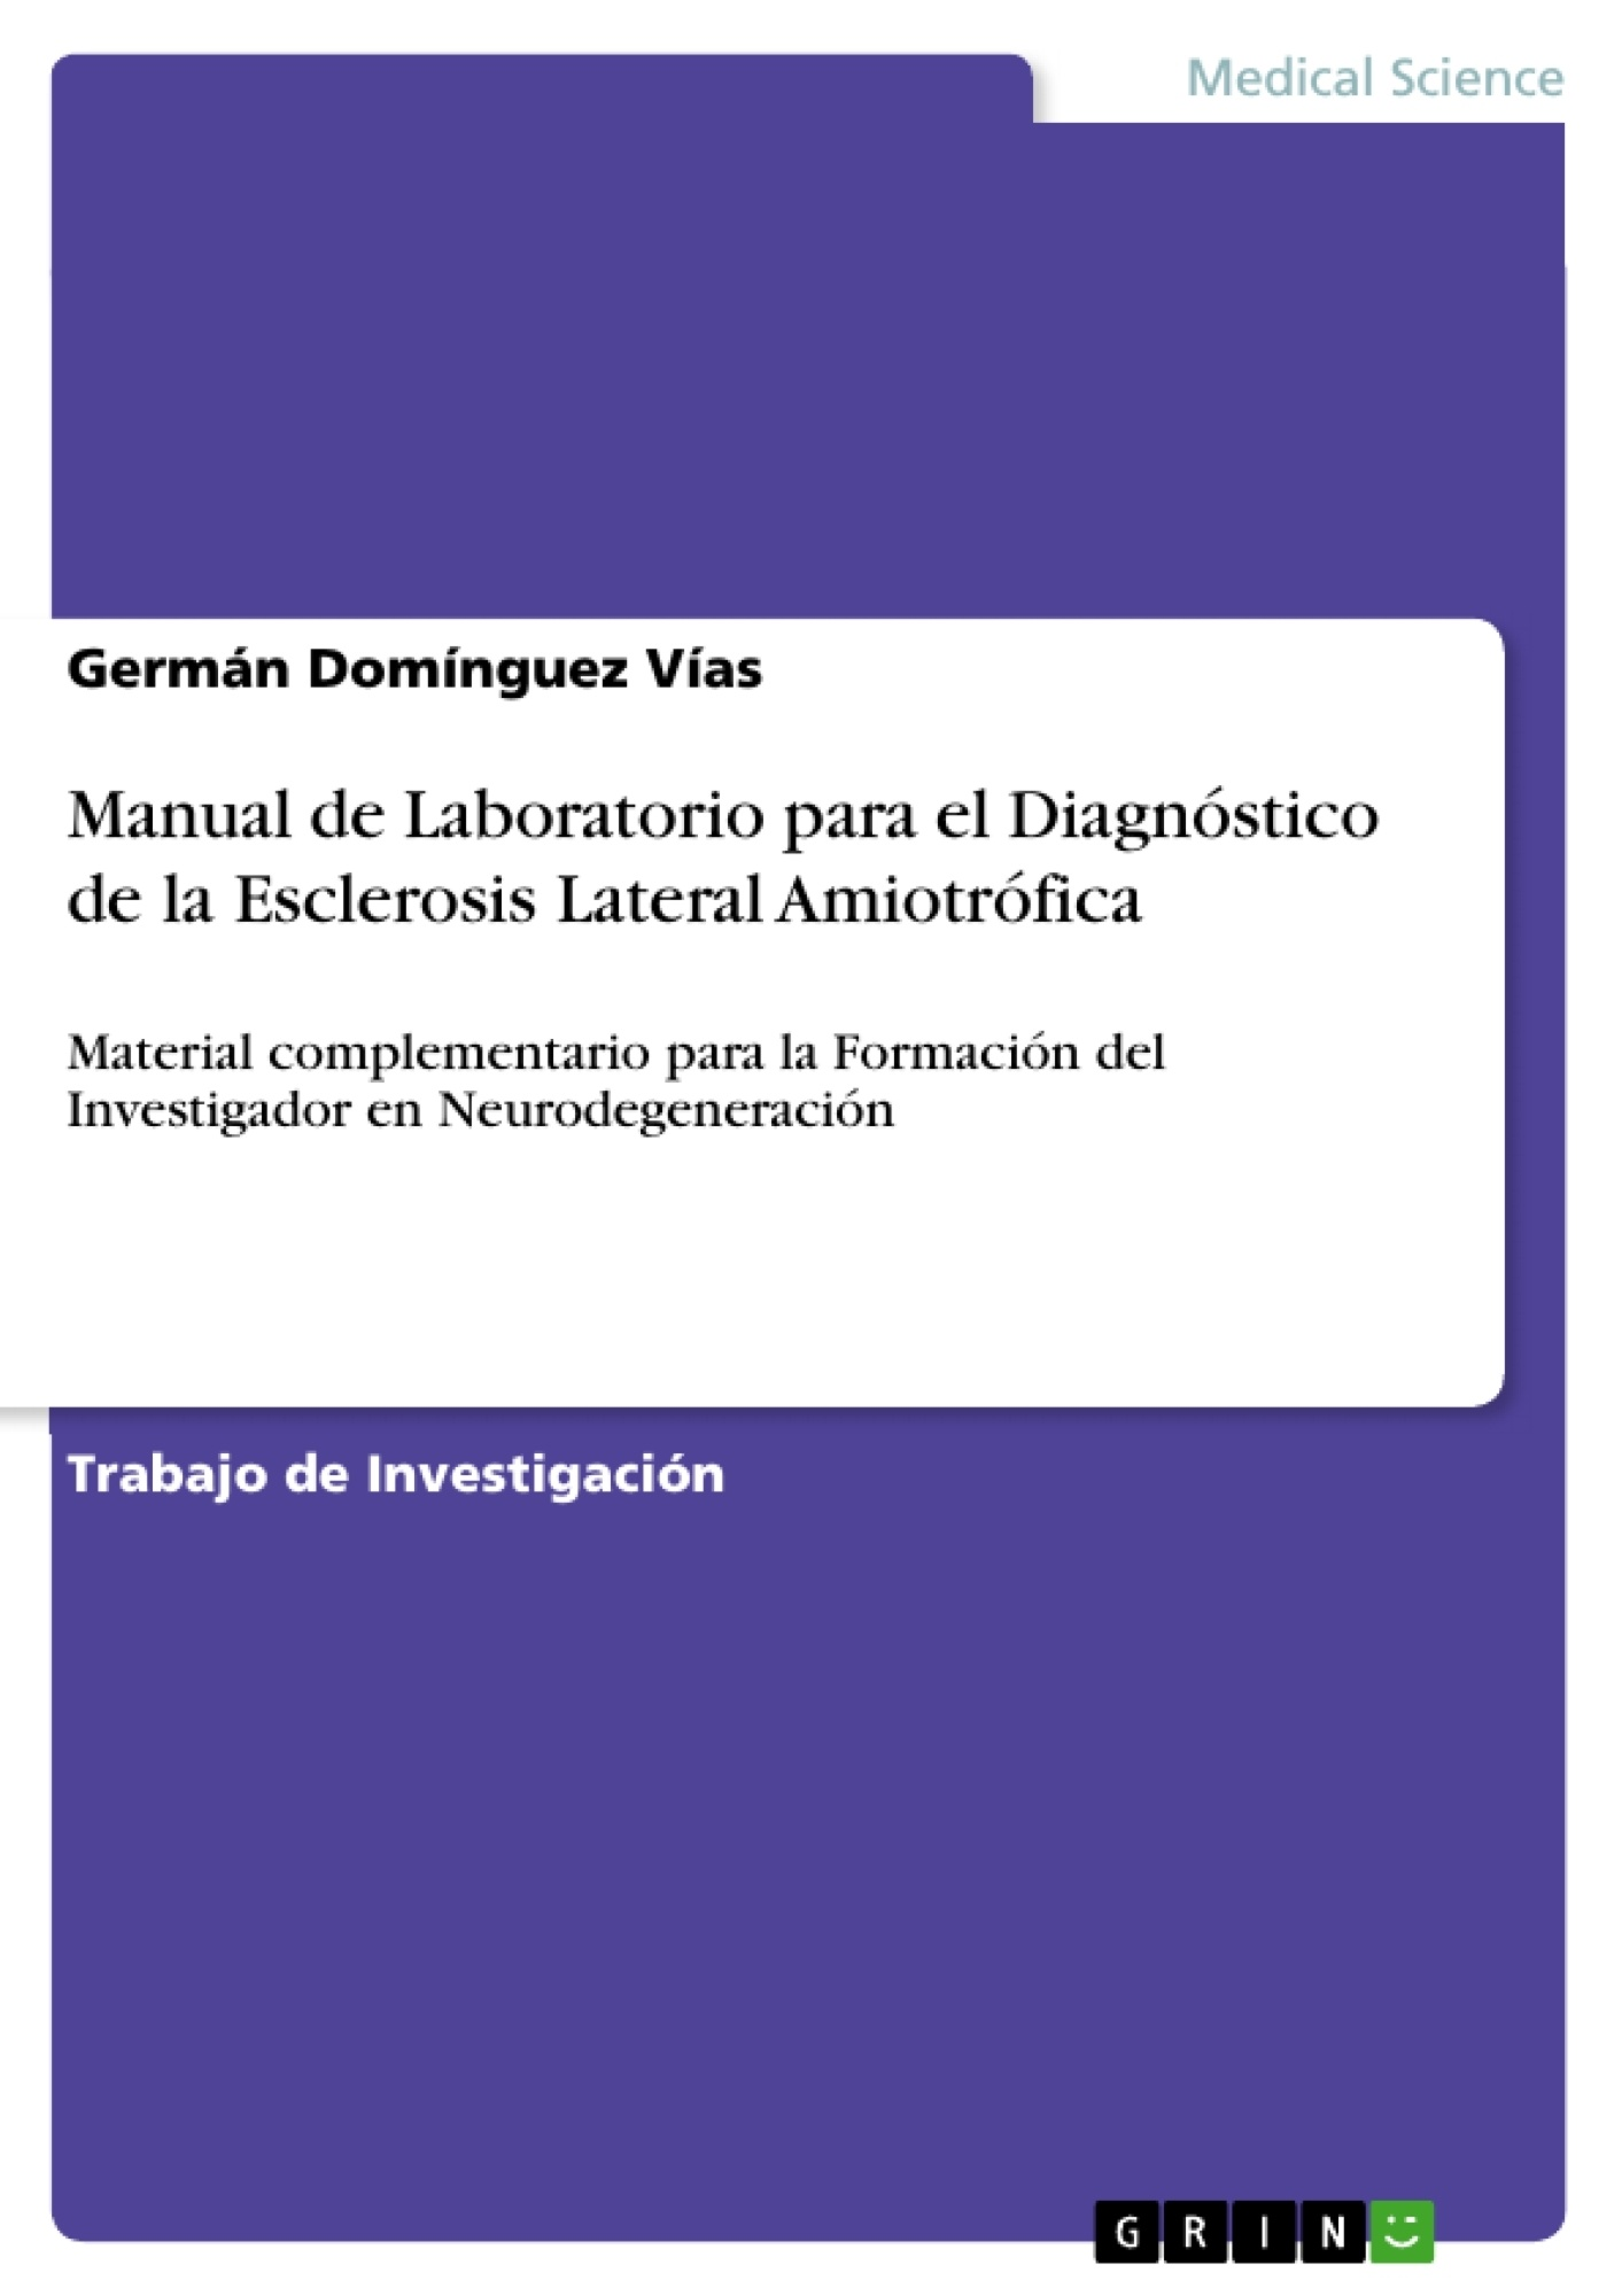 Manual de Laboratorio para el Diagnóstico de la Esclerosis Lateral ...